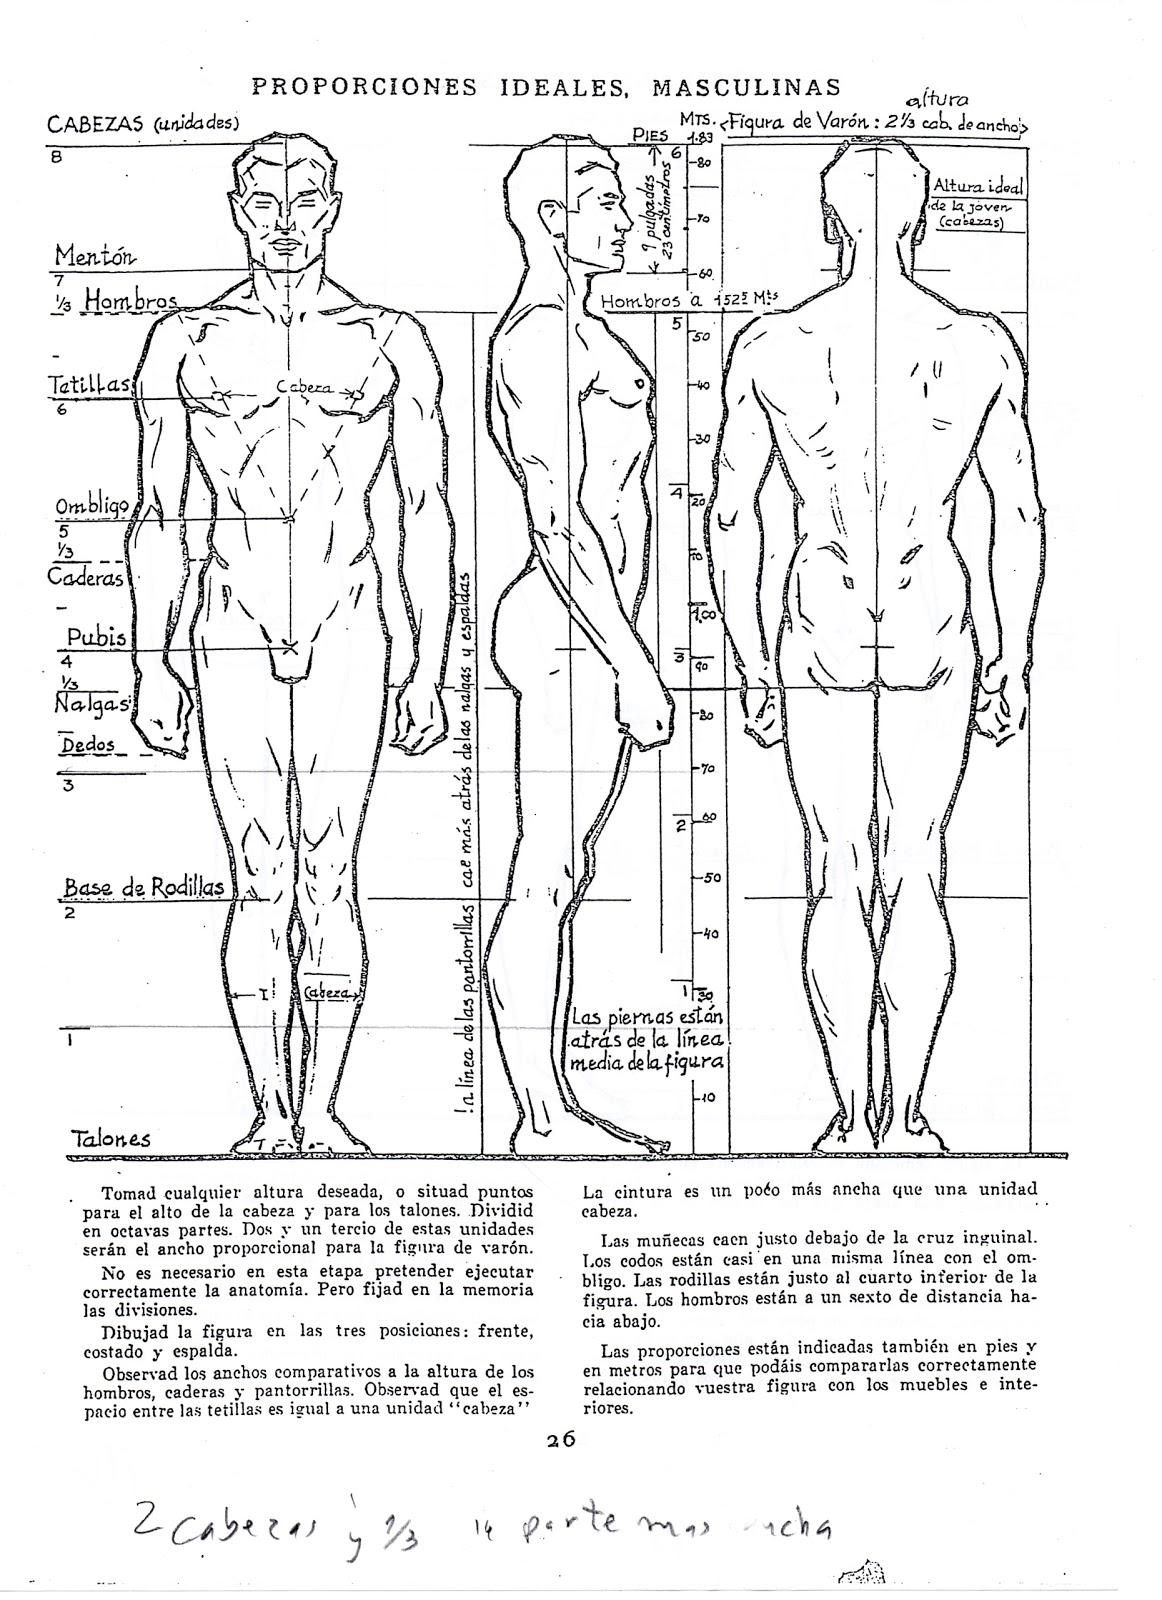 h1>DIBUJO ARTISTICO II </h1><h2>proporciones ideales del cuerpo ...